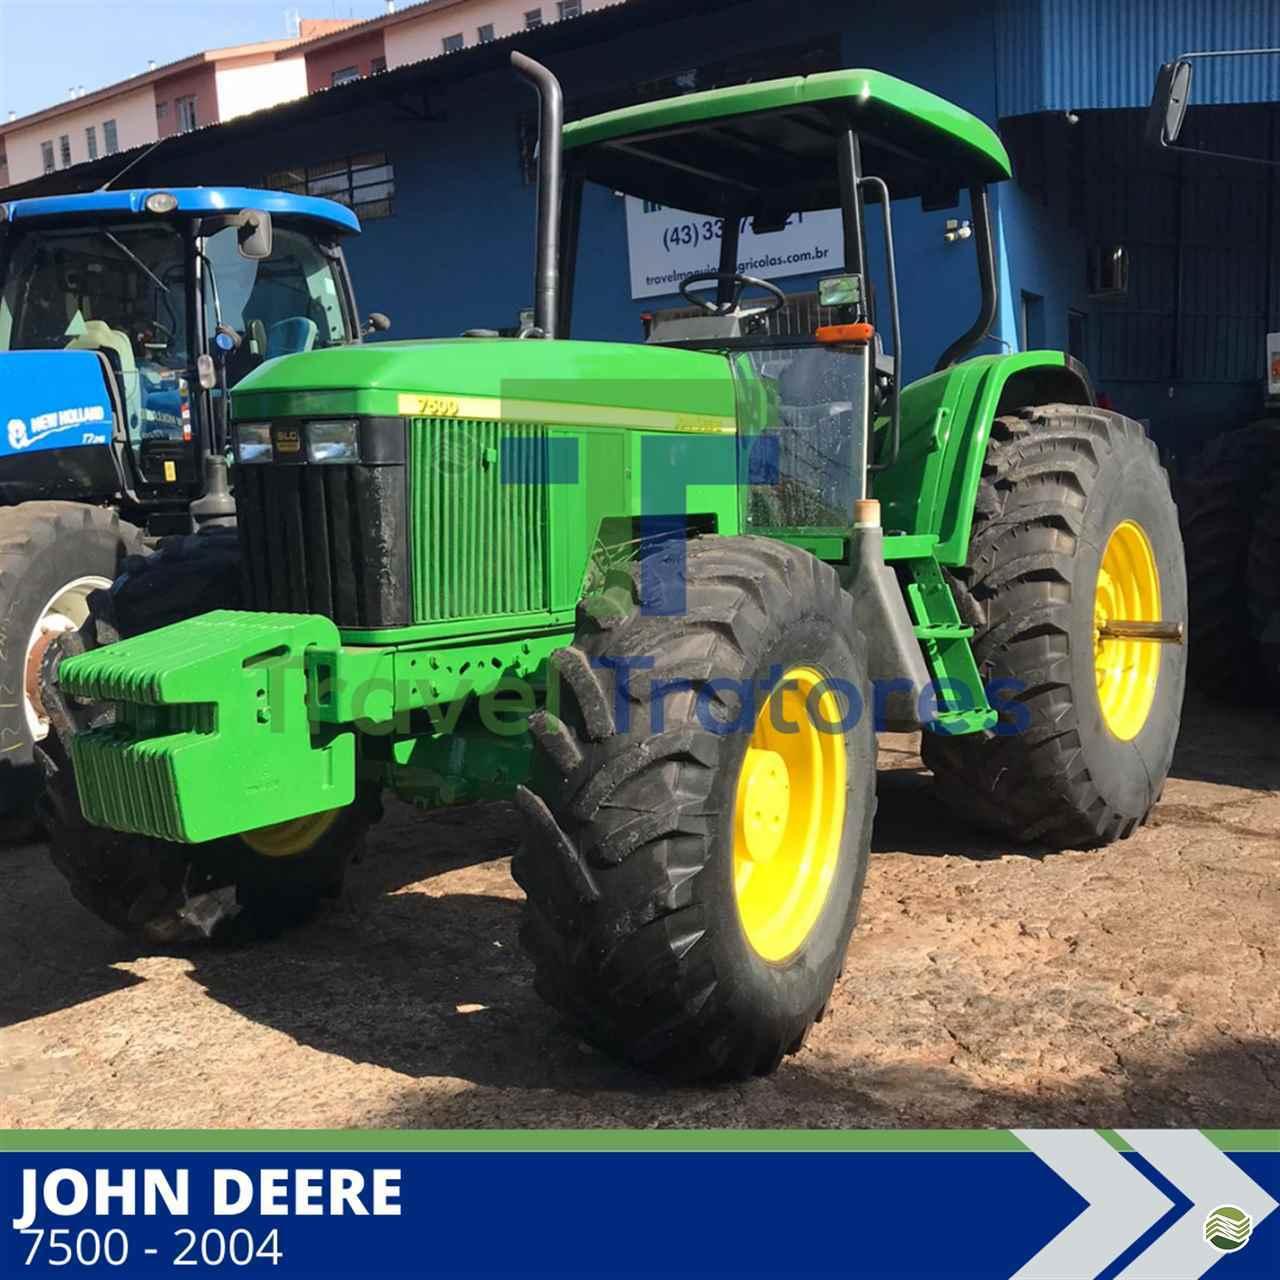 TRATOR JOHN DEERE JOHN DEERE 7500 Tração 4x4 Travel Máquinas Agrícolas LONDRINA PARANÁ PR